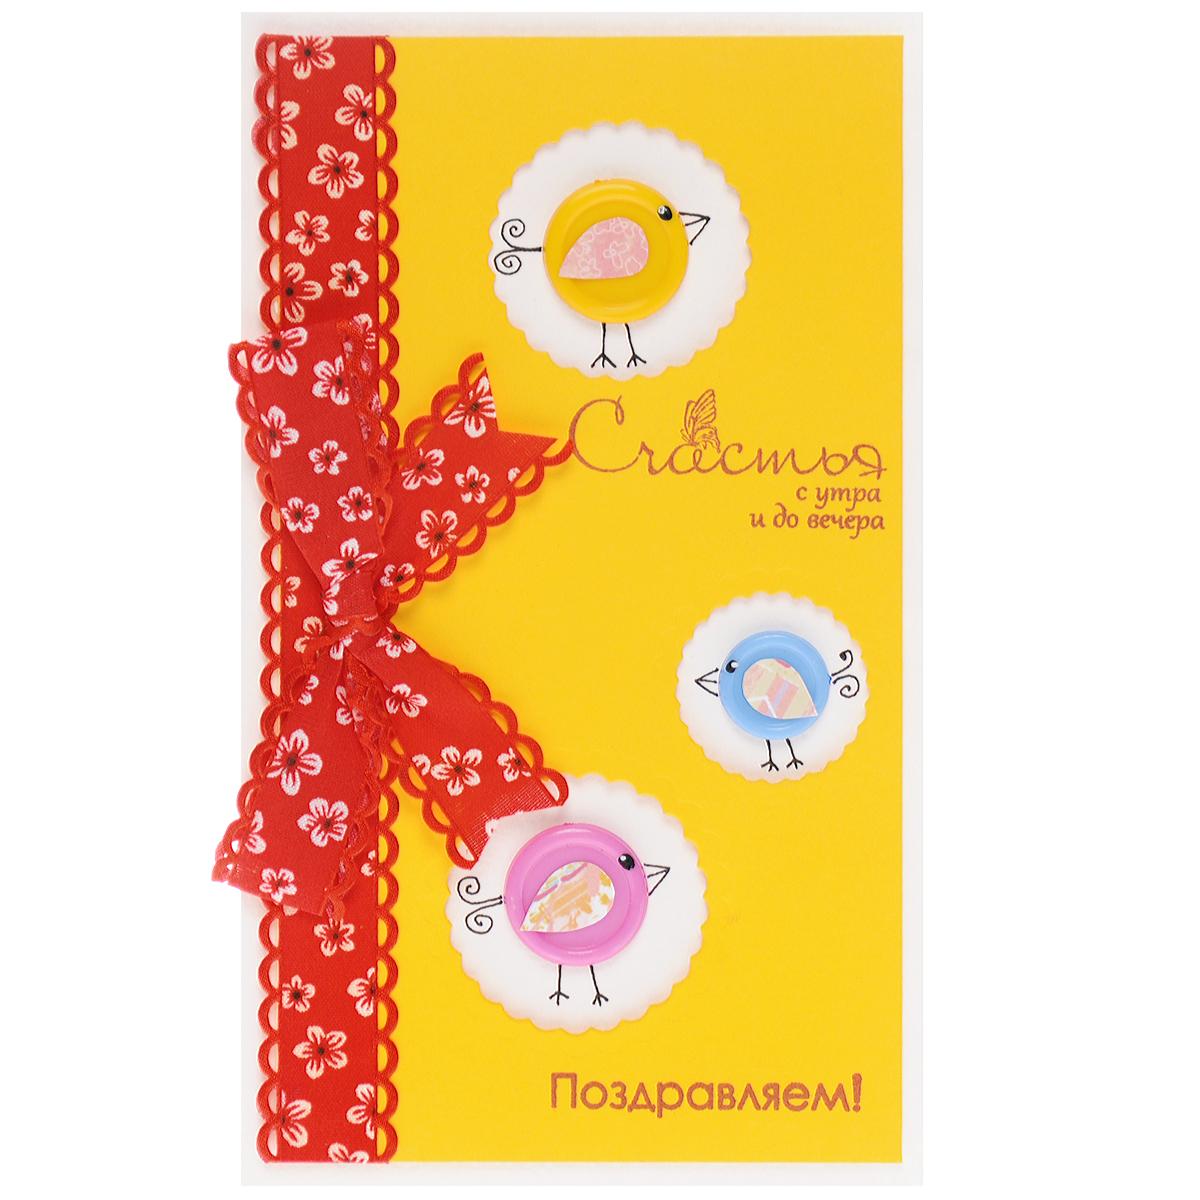 Открытка-конверт Поздравляем!. Студия Тетя Роза. ОД-0002ОД-0002Открытка выполнена из высокохудожественного картона, украшена яркой красной лентой и пуговками в виде птиц. Может стать как прекрасным дополнением к вашему подарку, так и самостоятельным подарком, так как открытка одновременно является и конвертом, в который вы можете вложить ваш денежный подарок или подарочный сертификат, или же просто написать ваши пожелания на вкладыше.Открытки ручной работы от студии Тетя Роза отличаются своим неповторимым и ярким стилем. Каждая уникальна и выполнена вручную мастерами студии. Открытка упакована в пакетик для сохранности. Обращаем ваше внимание на то, что открытка может незначительно отличаться от представленной на фото.